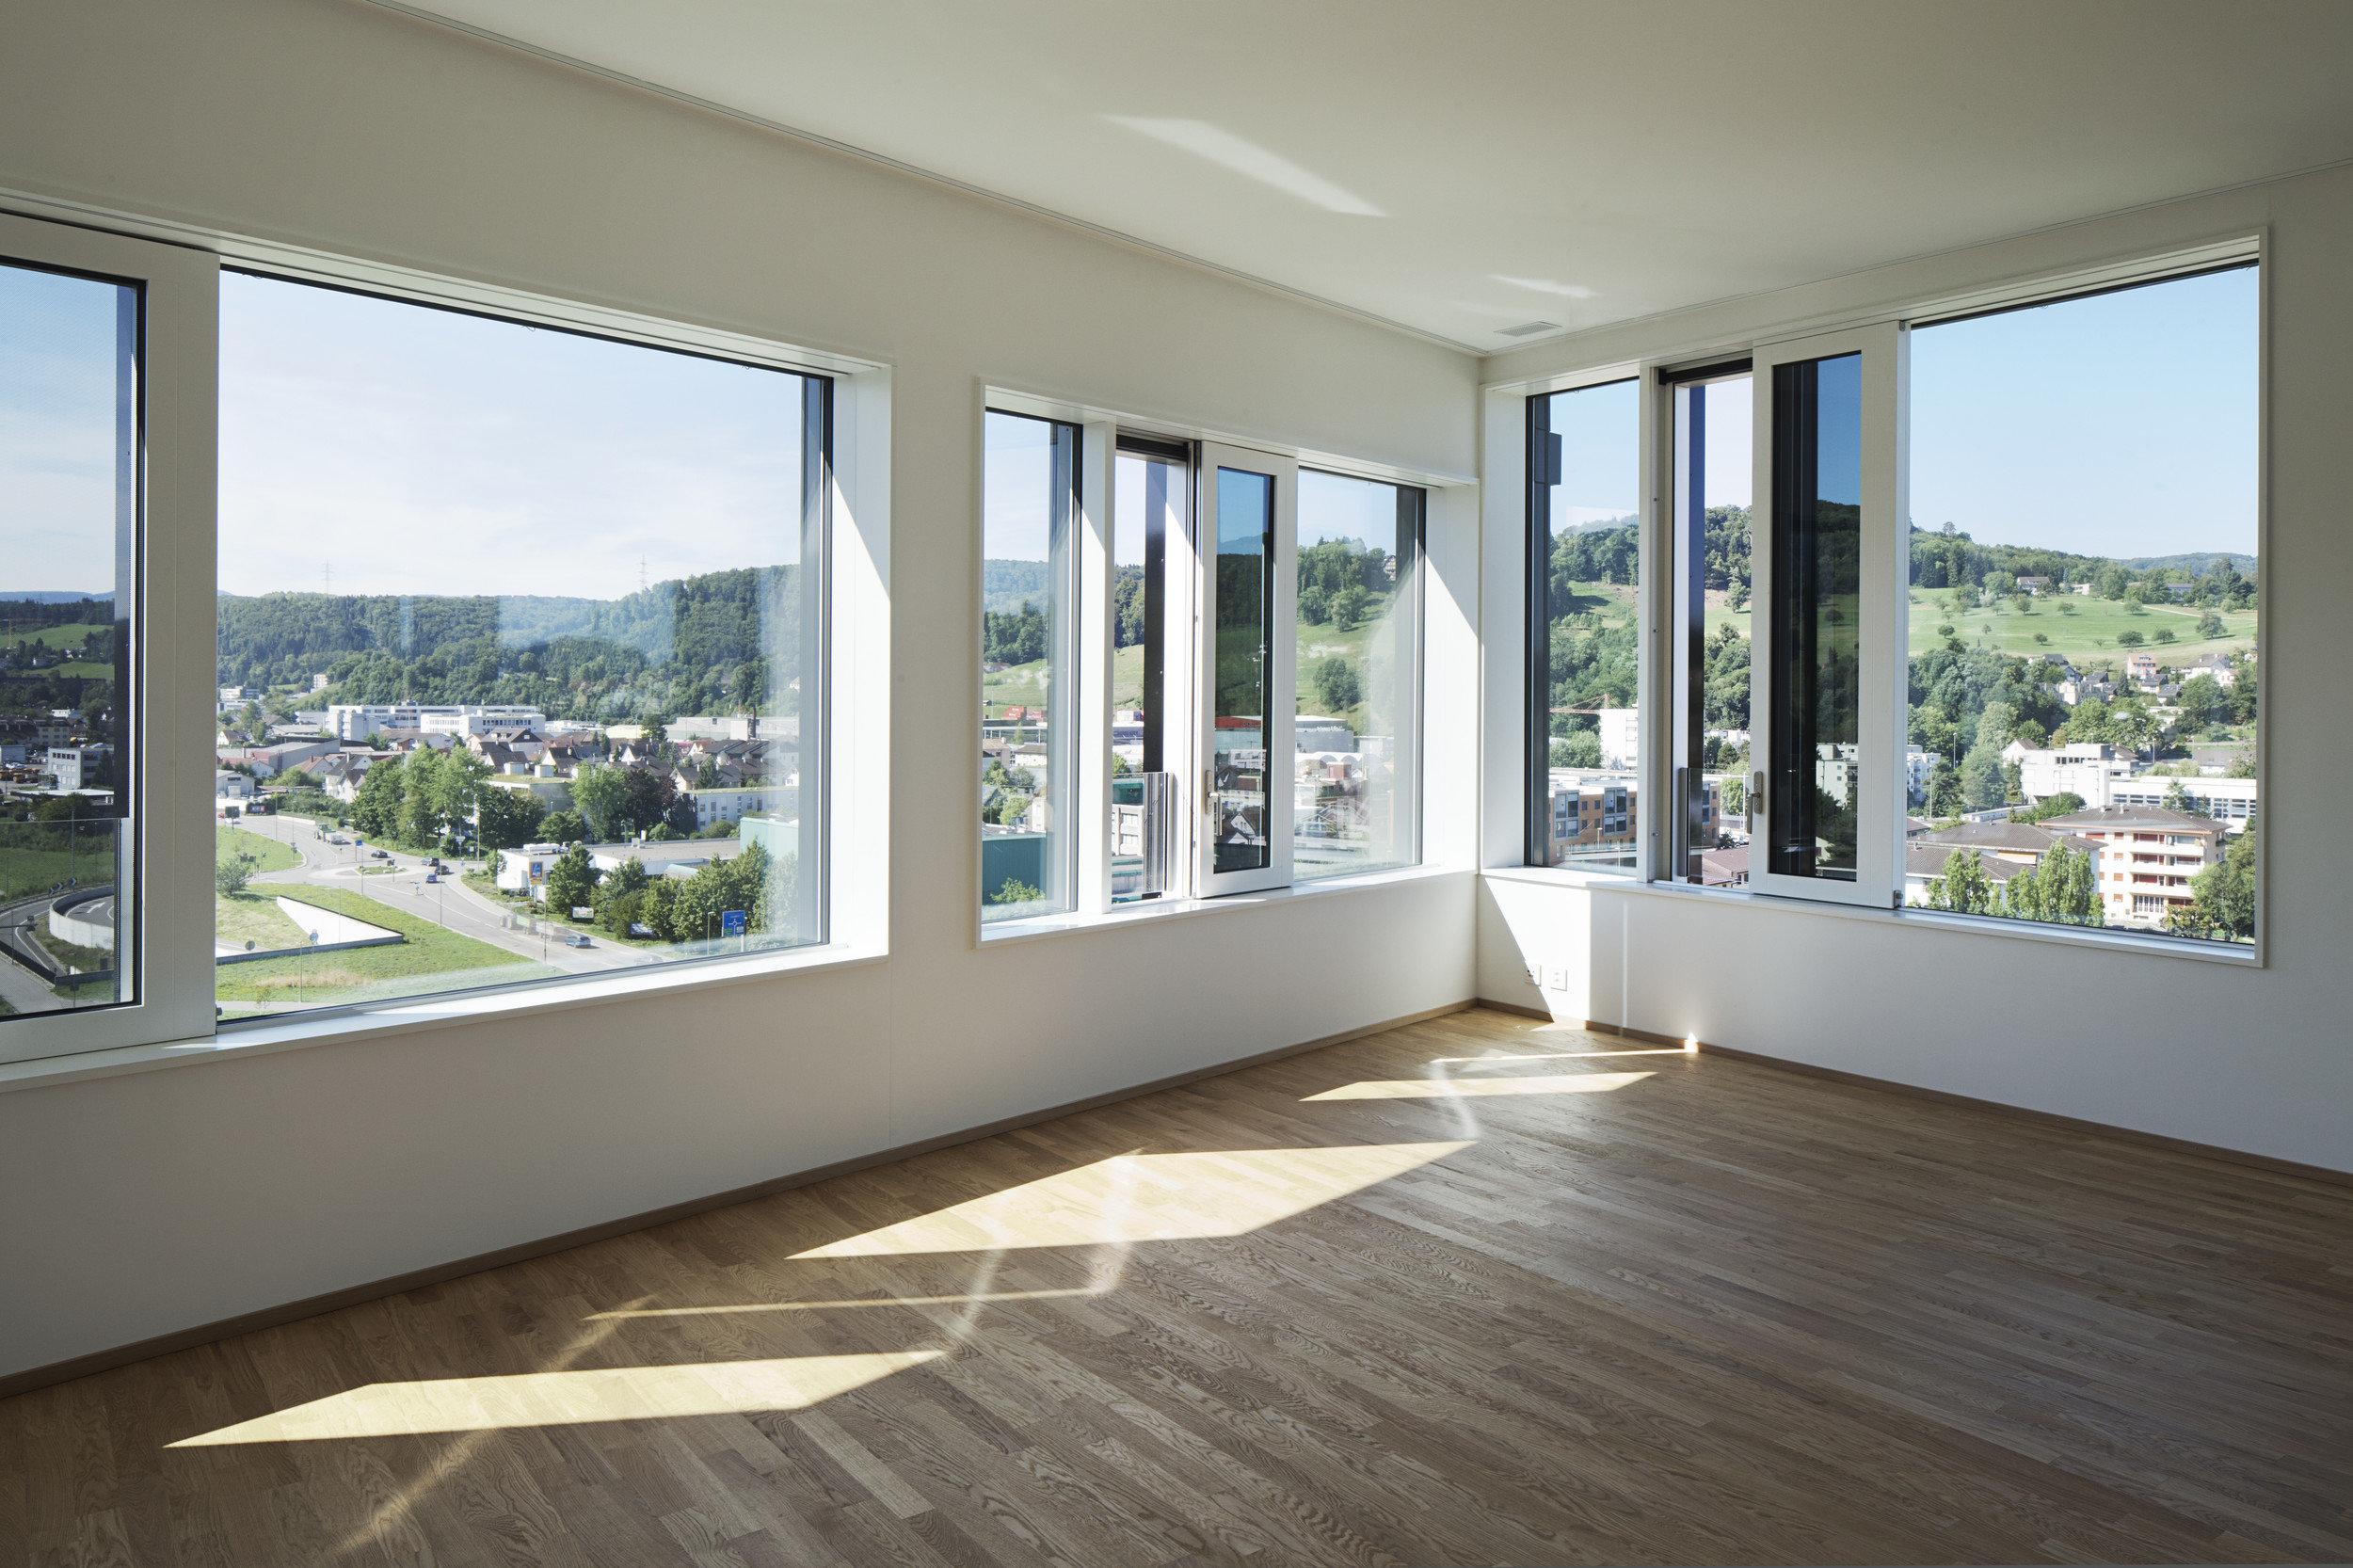 grosse lichtspendende Holz-Metall-Schiebefenster von innen im Neubau